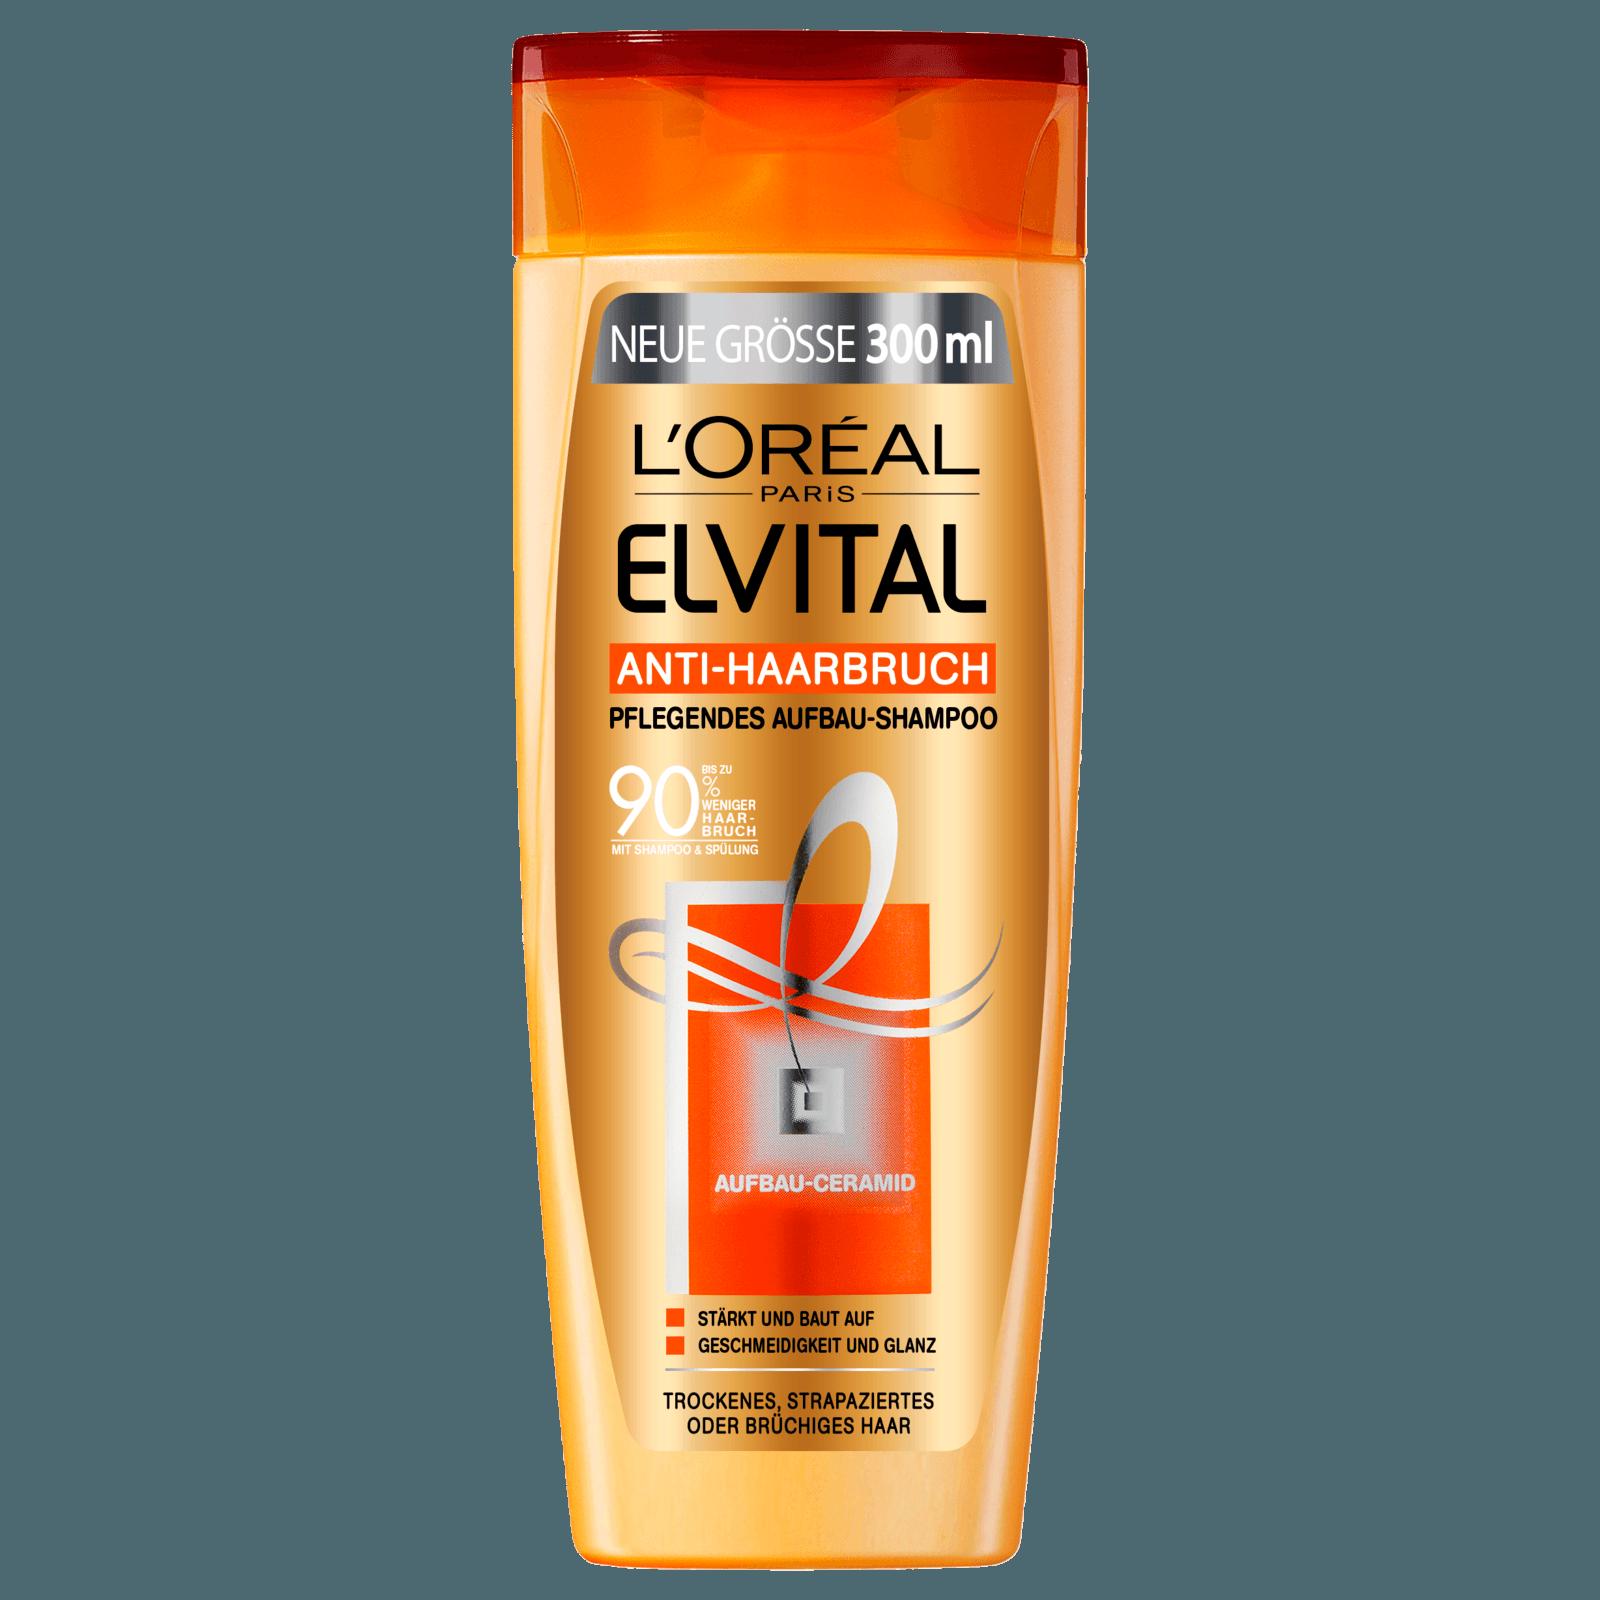 L'Oréal Paris Elvital Shampoo Anti-Haarbruch 300ml